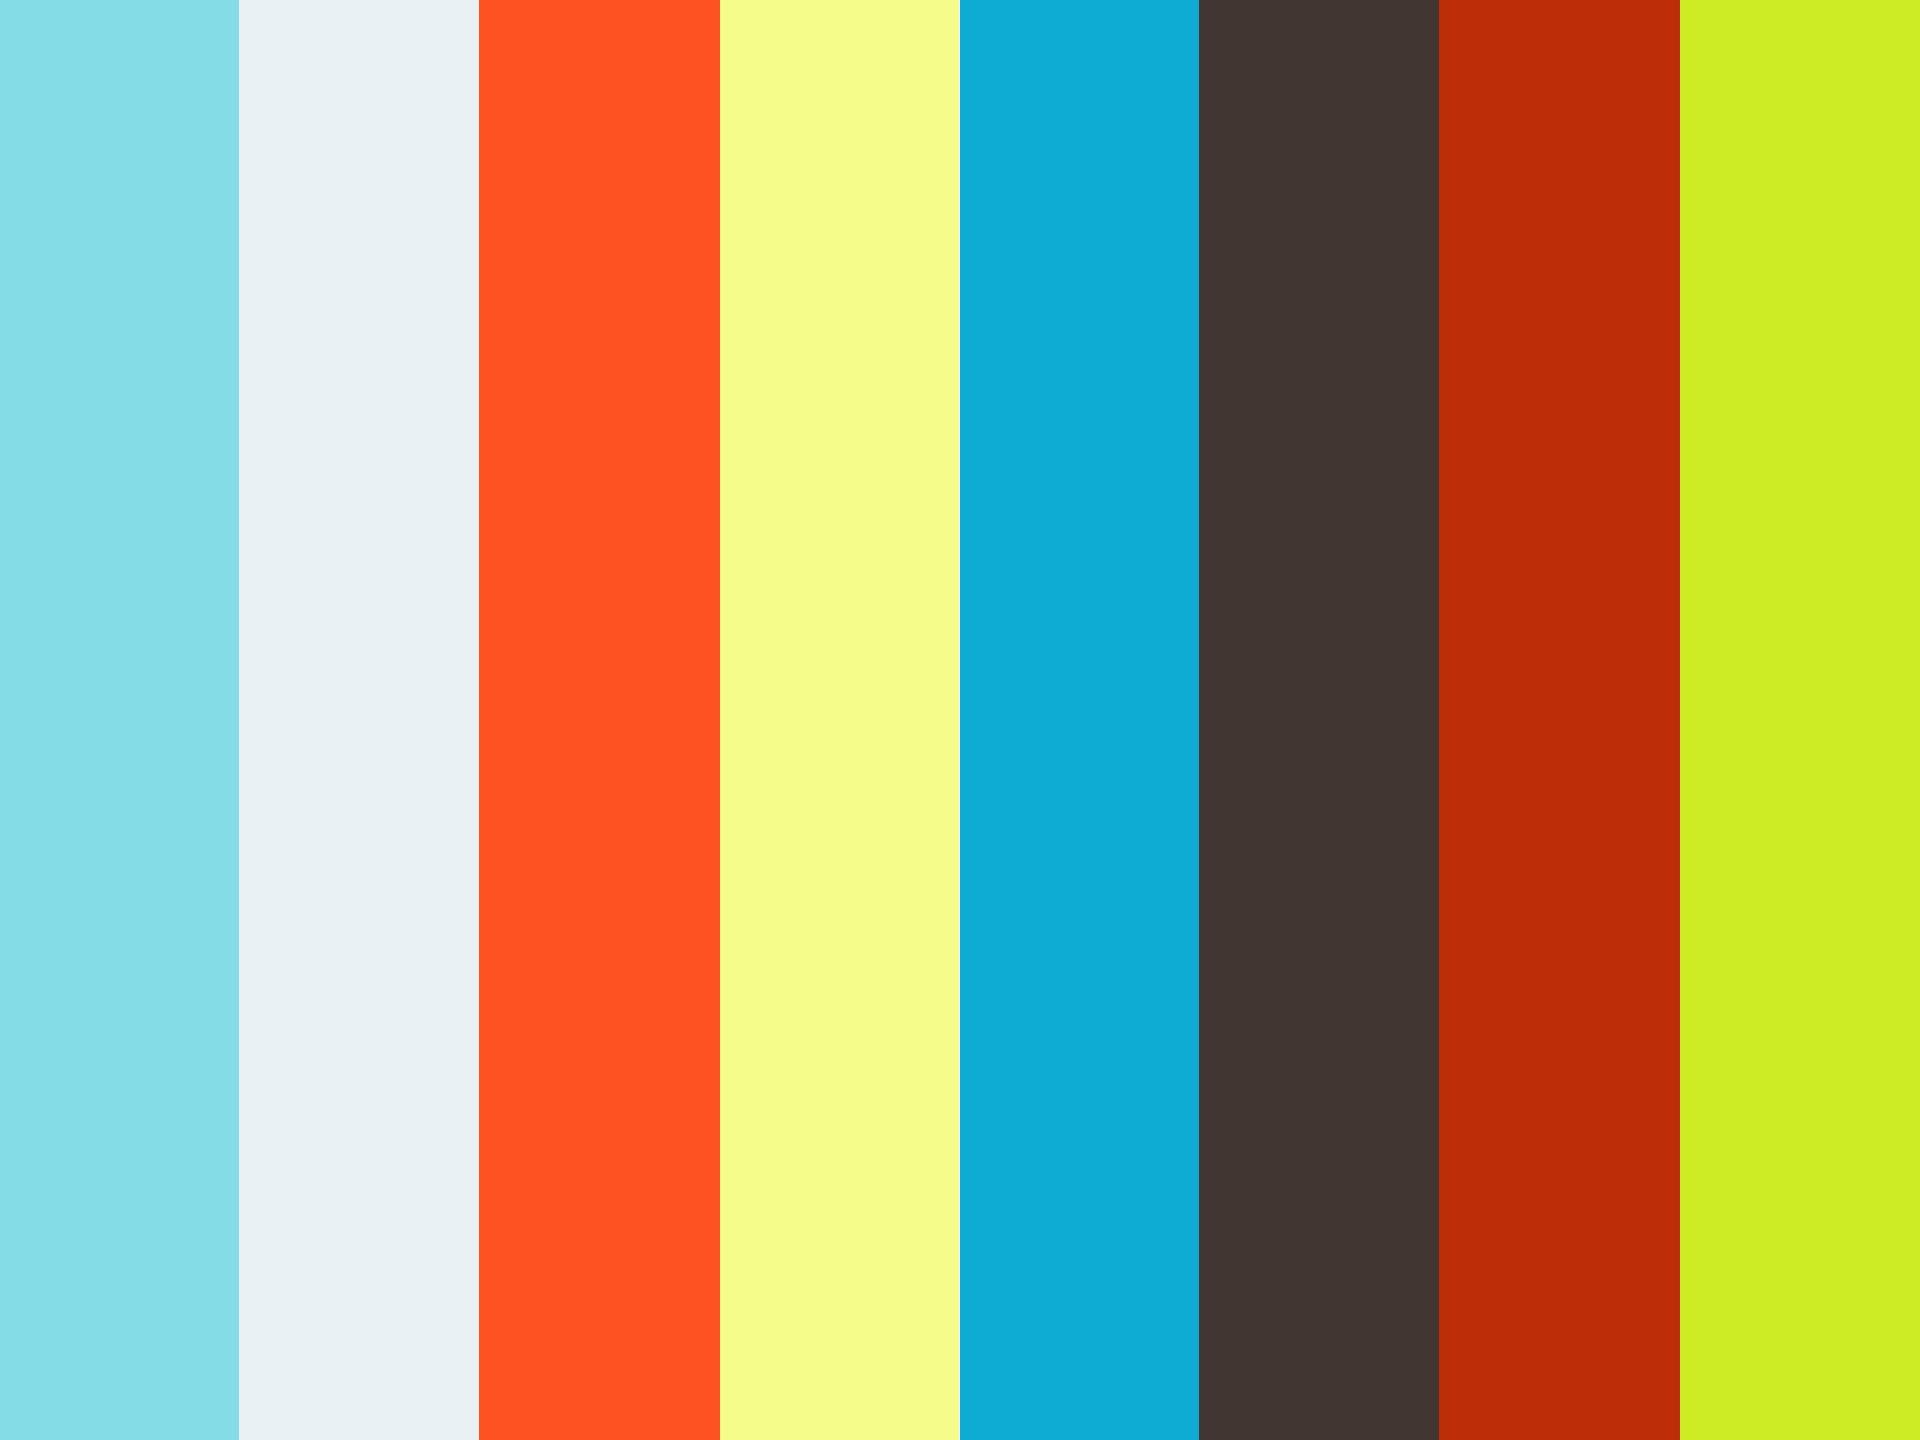 tripwire diagram [ 1280 x 720 Pixel ]